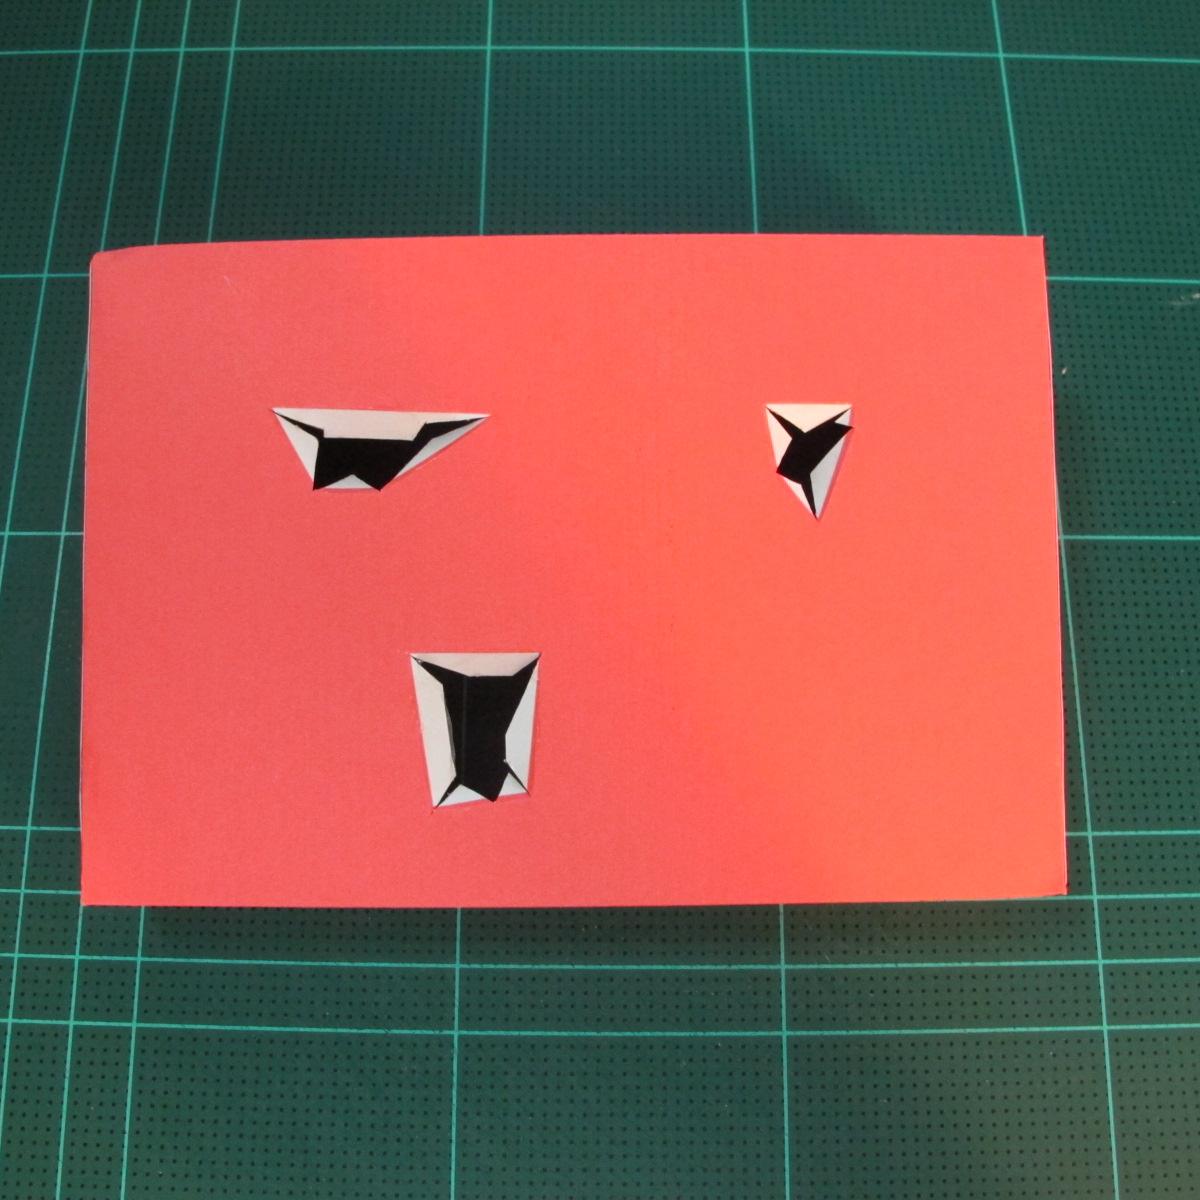 วิธีทำโมเดลกระดาษตุ้กตาคุกกี้รัน คุกกี้รสฮีโร่ (LINE Cookie Run Hero Cookie Papercraft Model) 028